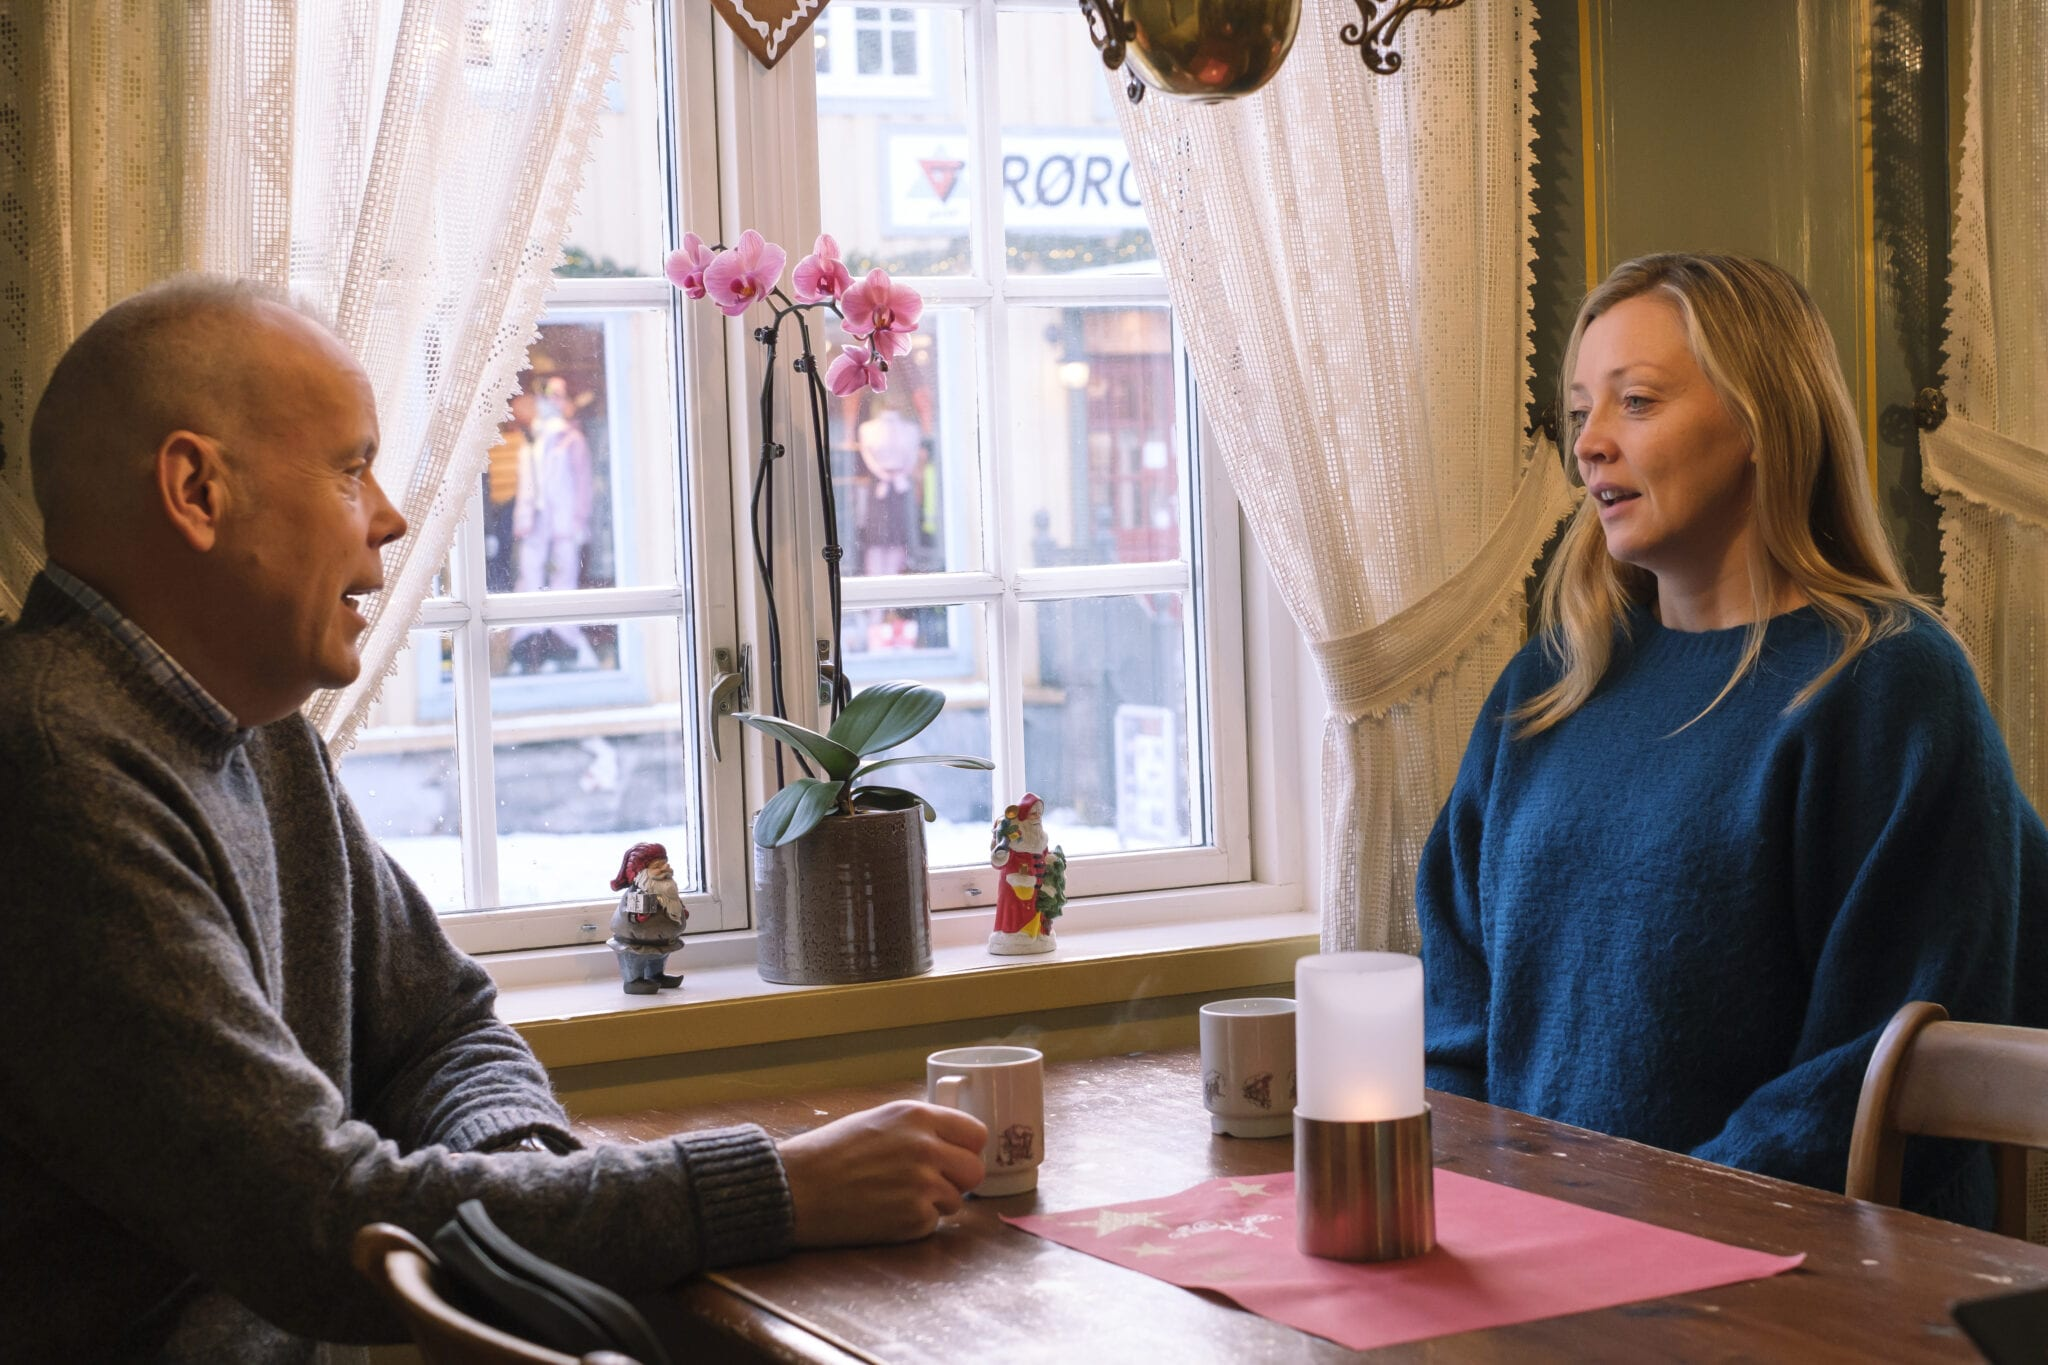 Kirsti Sæter blir intervjuet av Trond Haugan. Foto: Ren Røros Frontal.